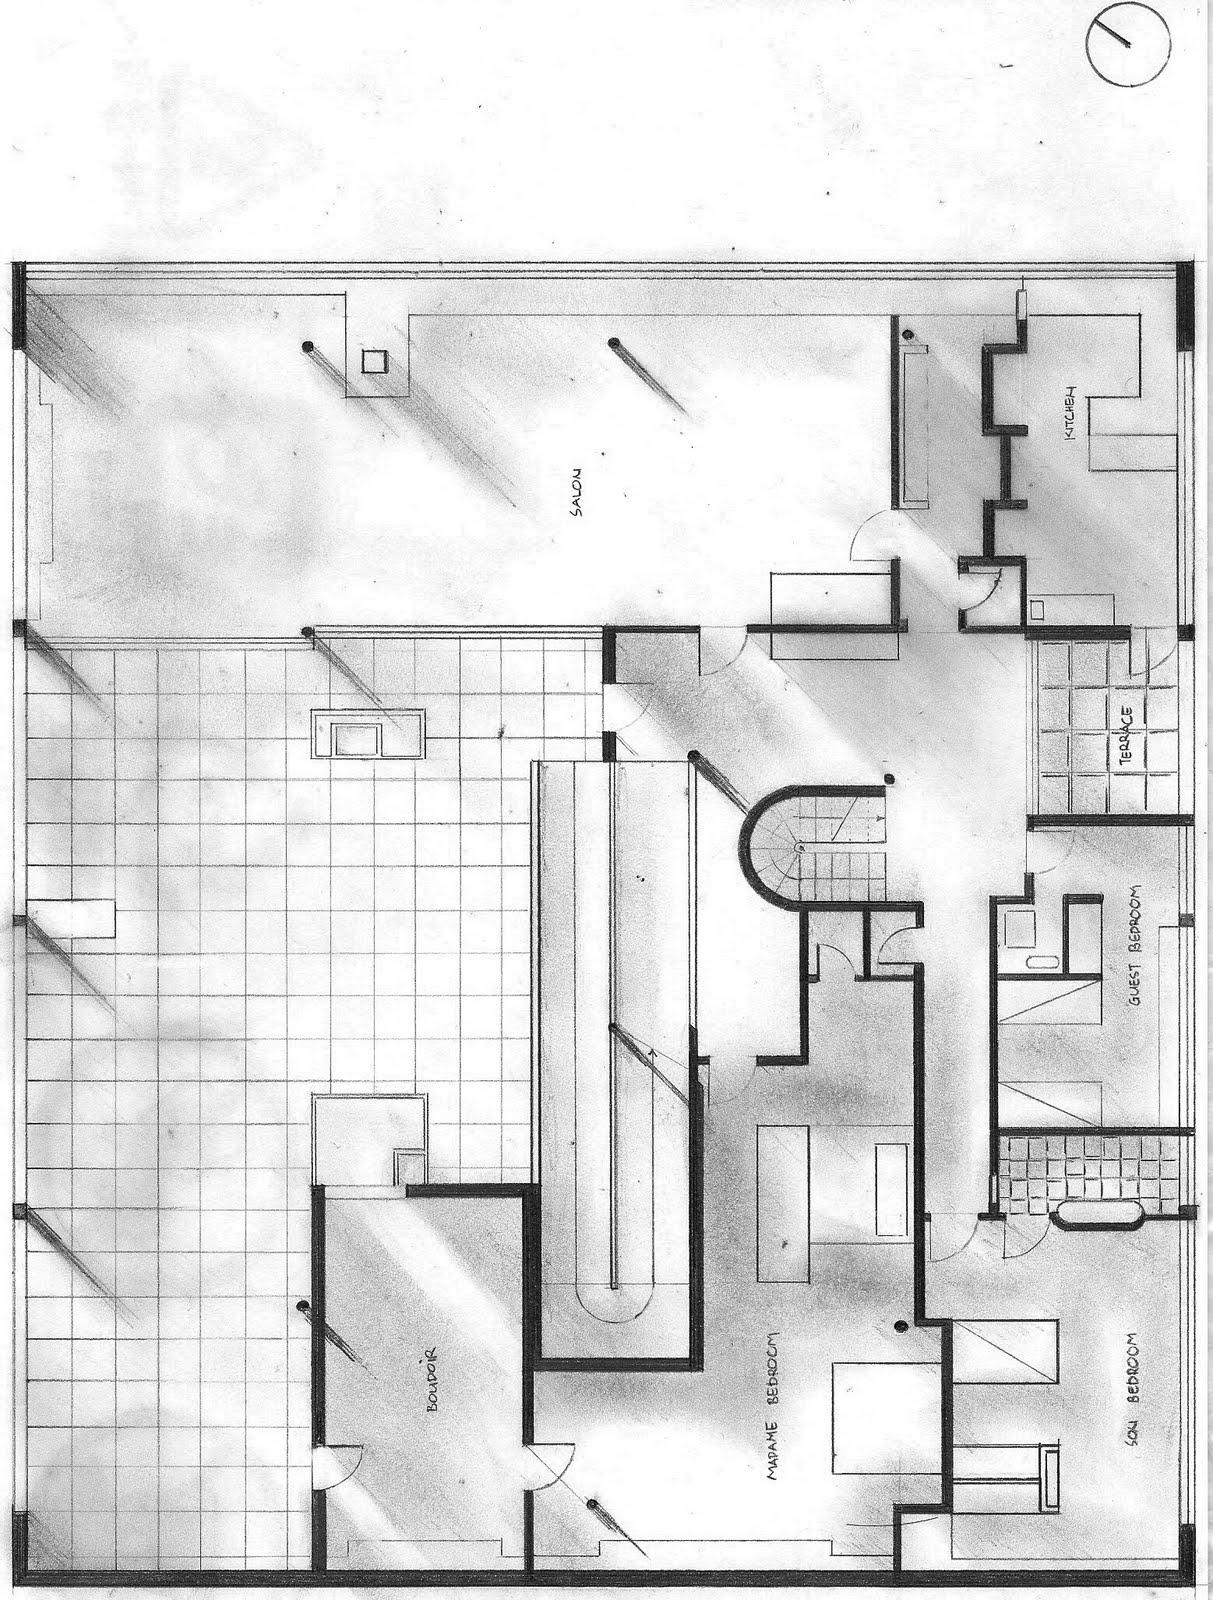 Ryan s BlogVilla Savoye 2nd Floor Plan